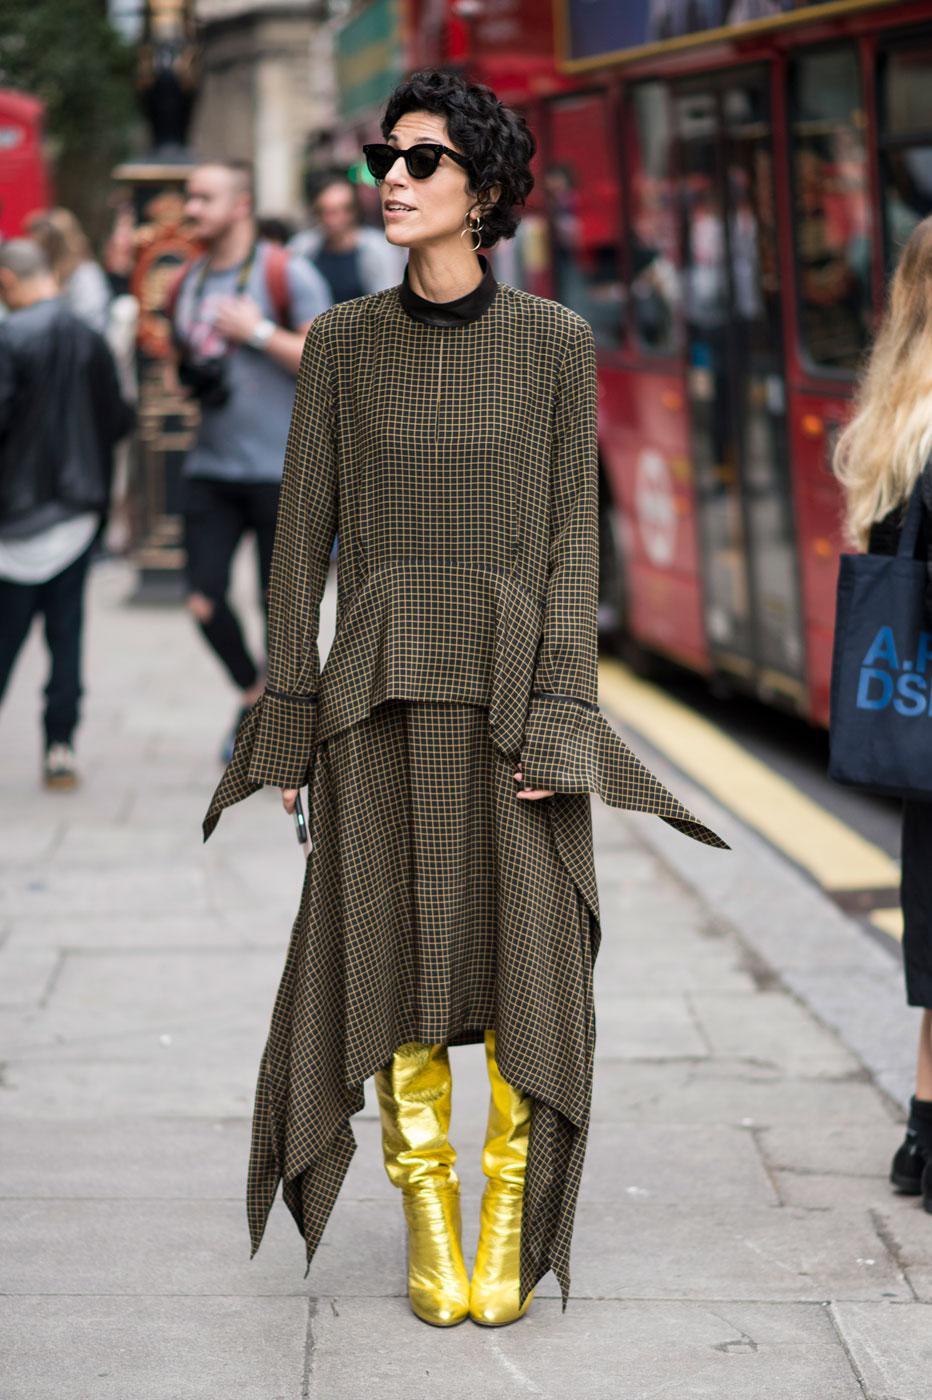 Fashion week le meilleur du street style londonien madame figaro Style fashion week in la